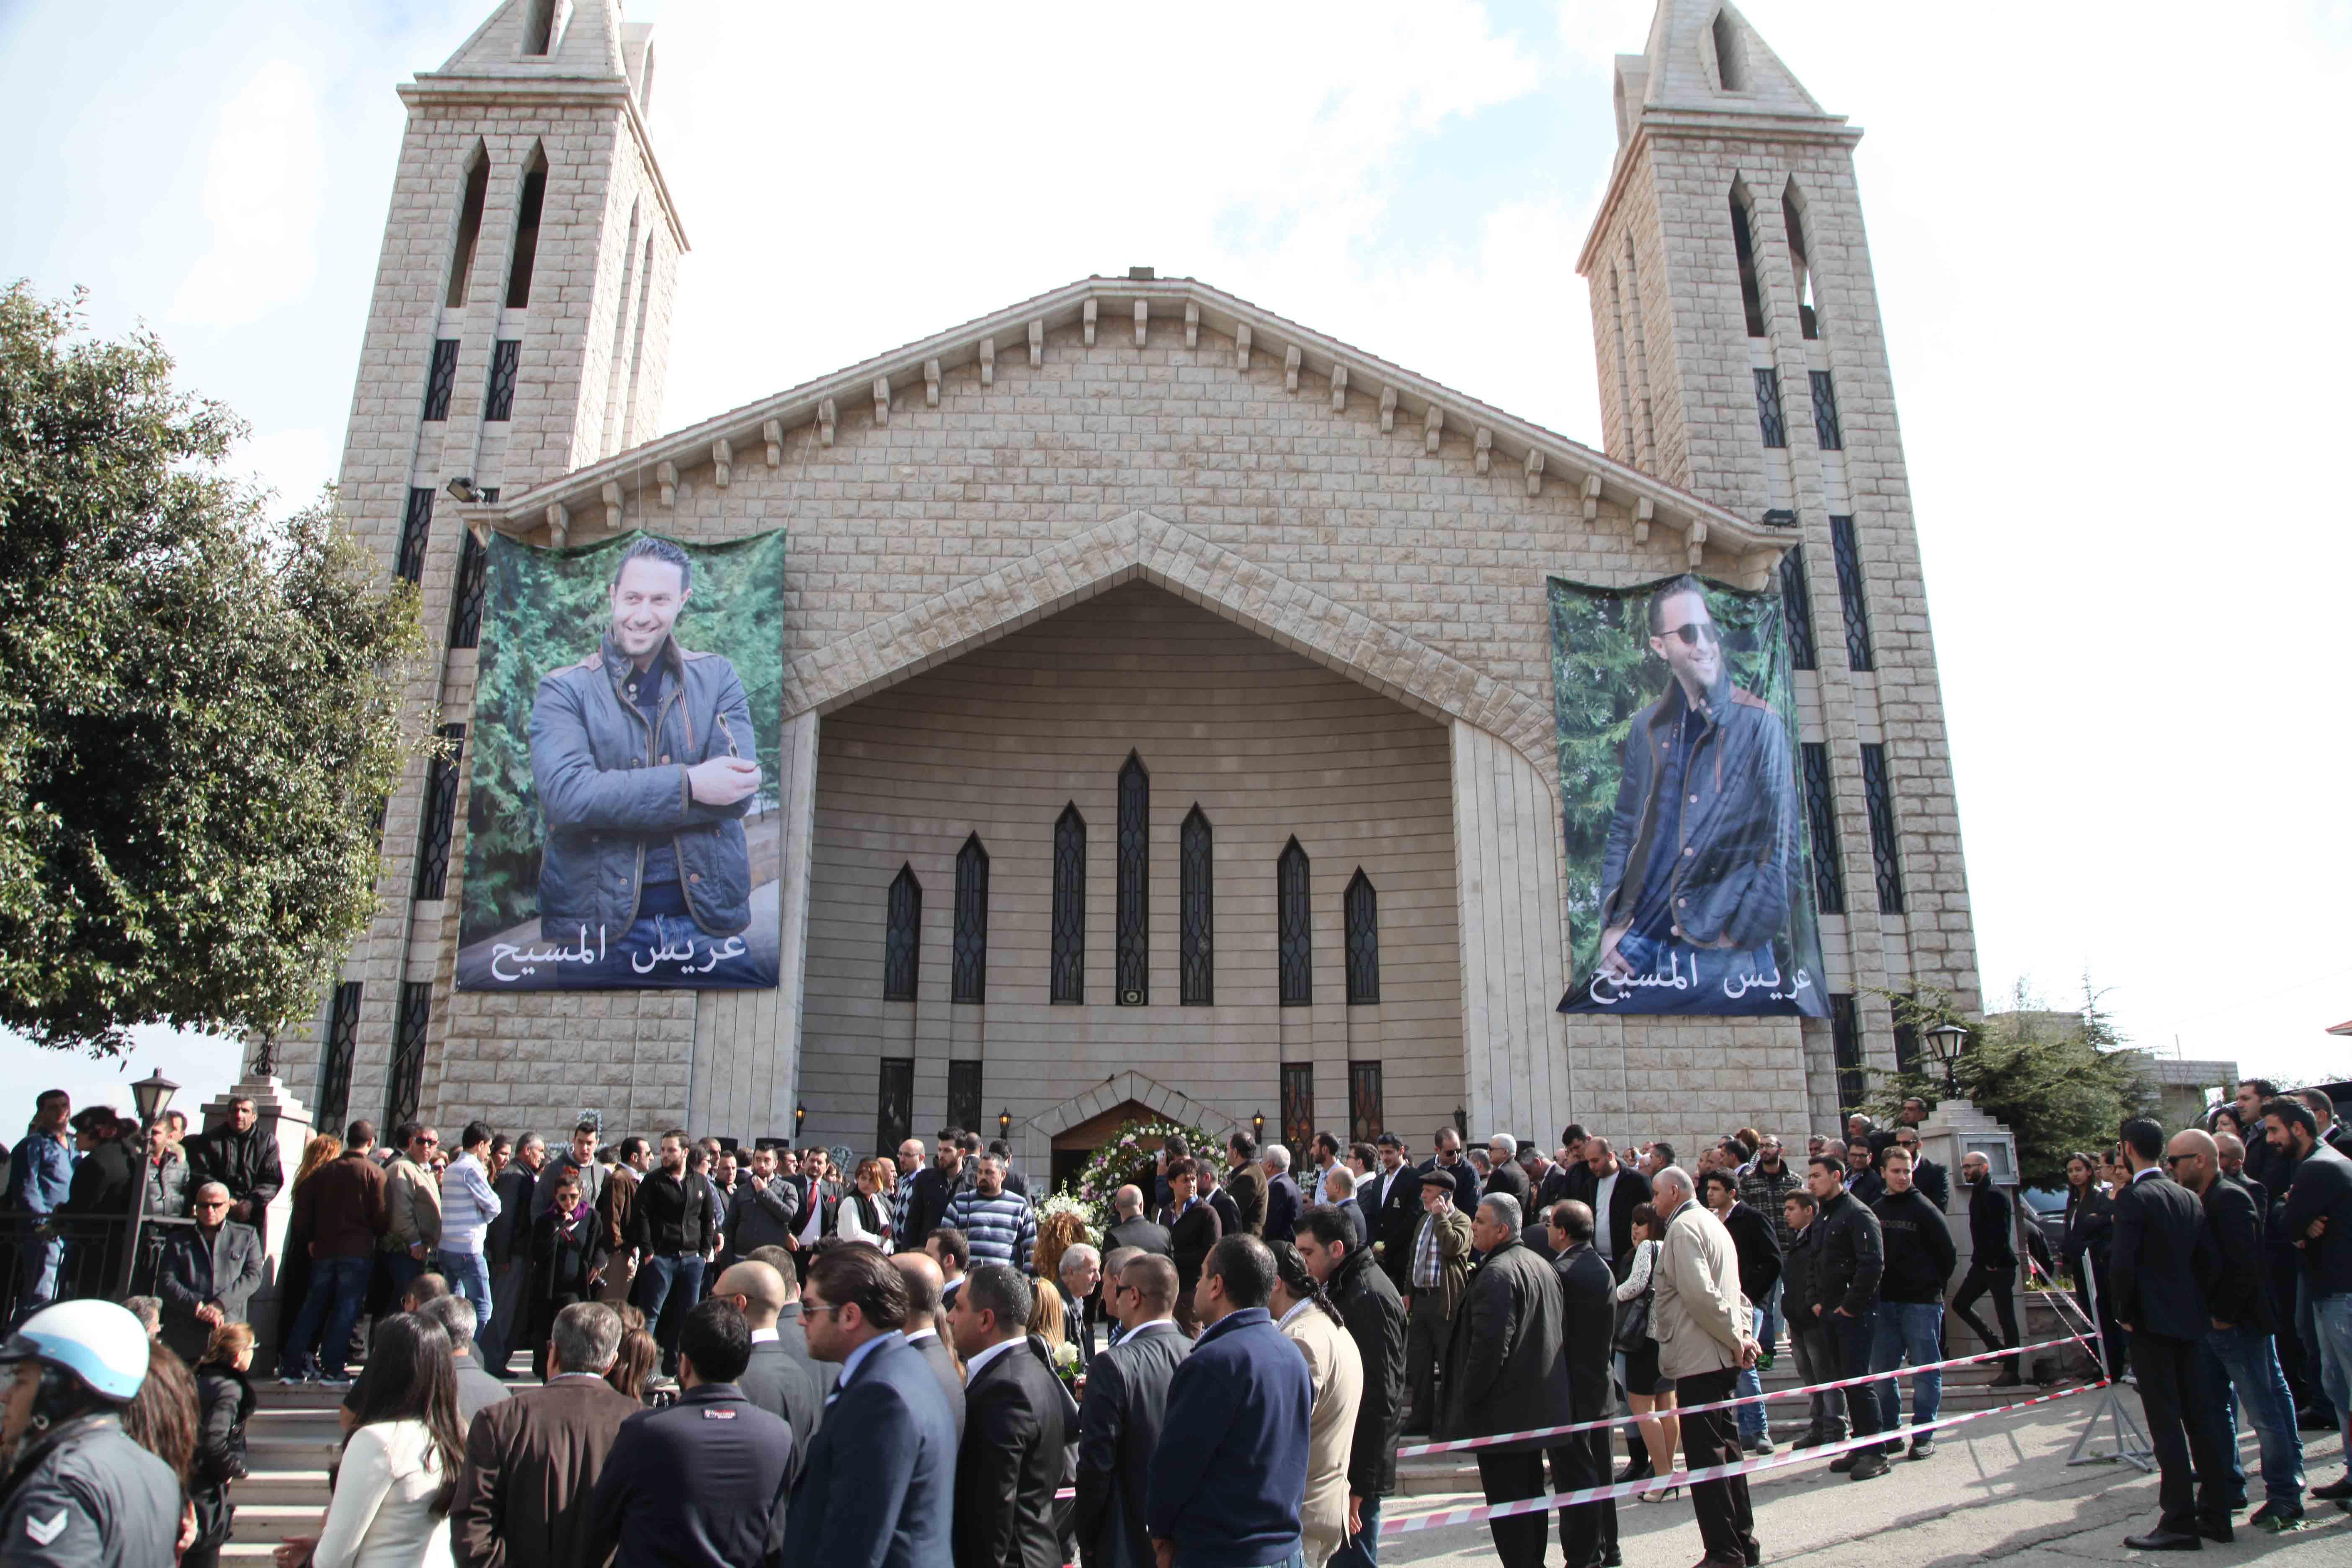 صور الراحل عصام بريدي تزيّن مدخل الكنيسة